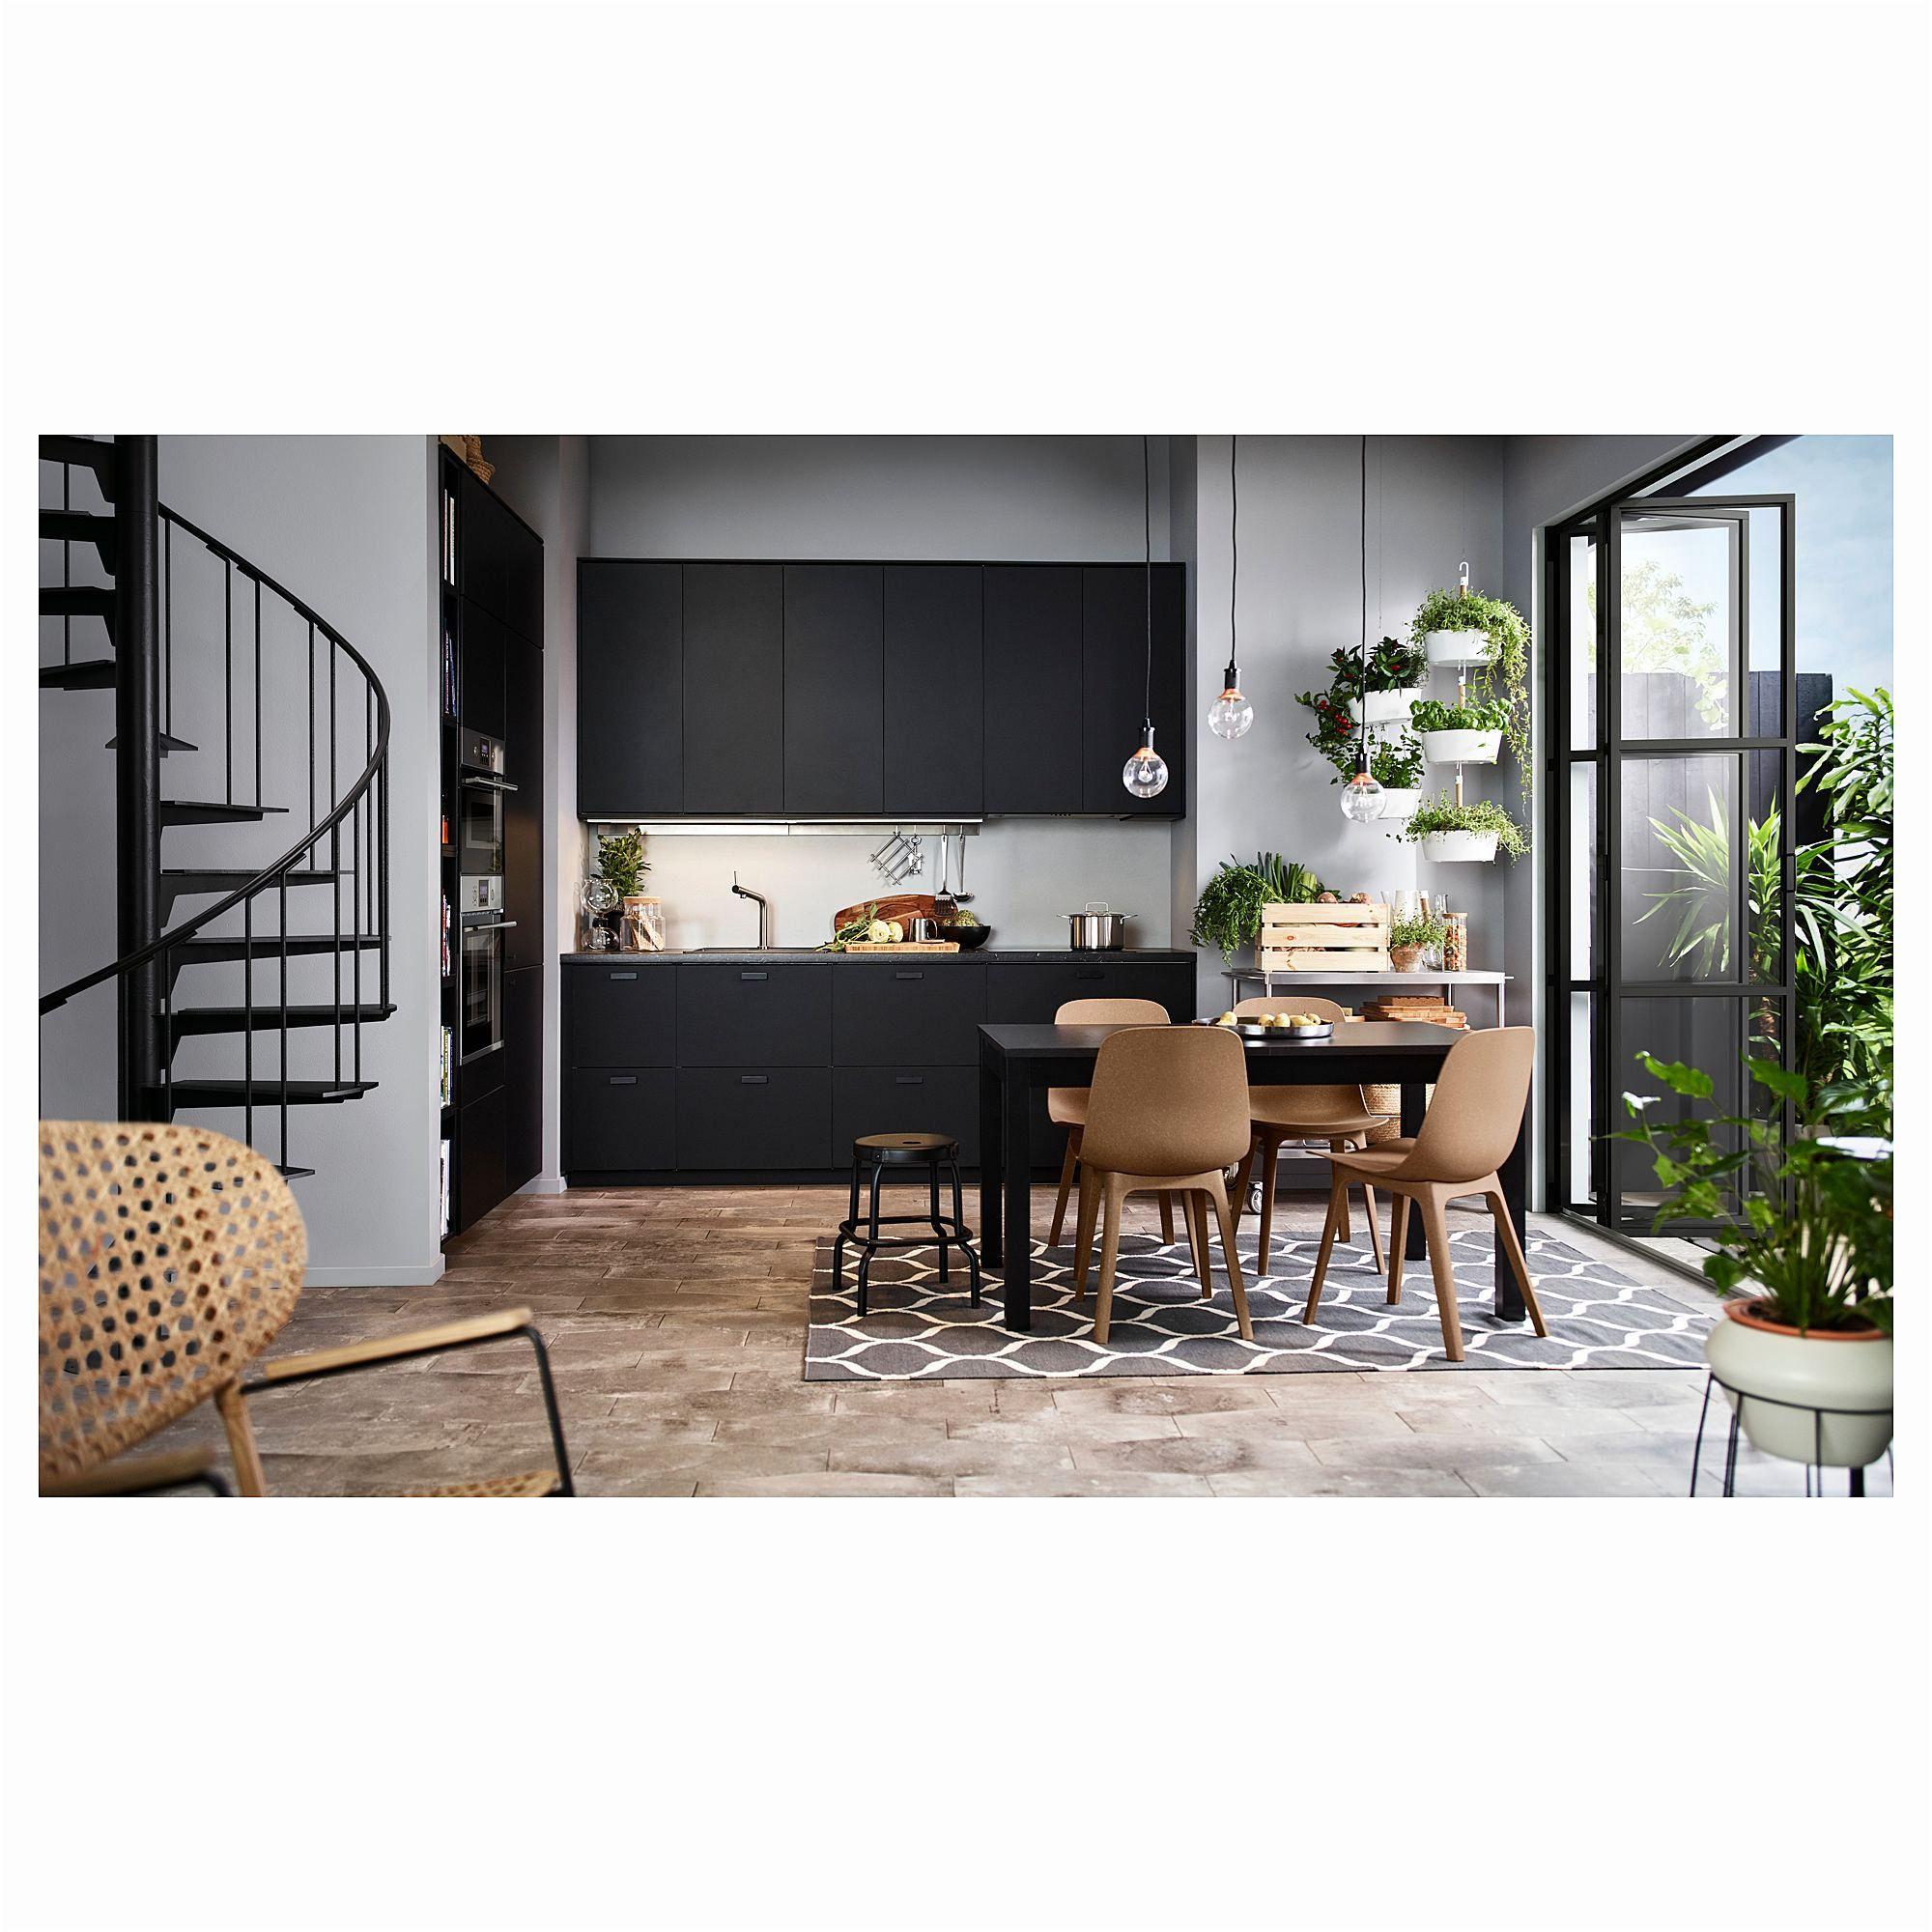 31 Elegante Ikea Muebles De Salon Comedor - ikea muebles de salon ...